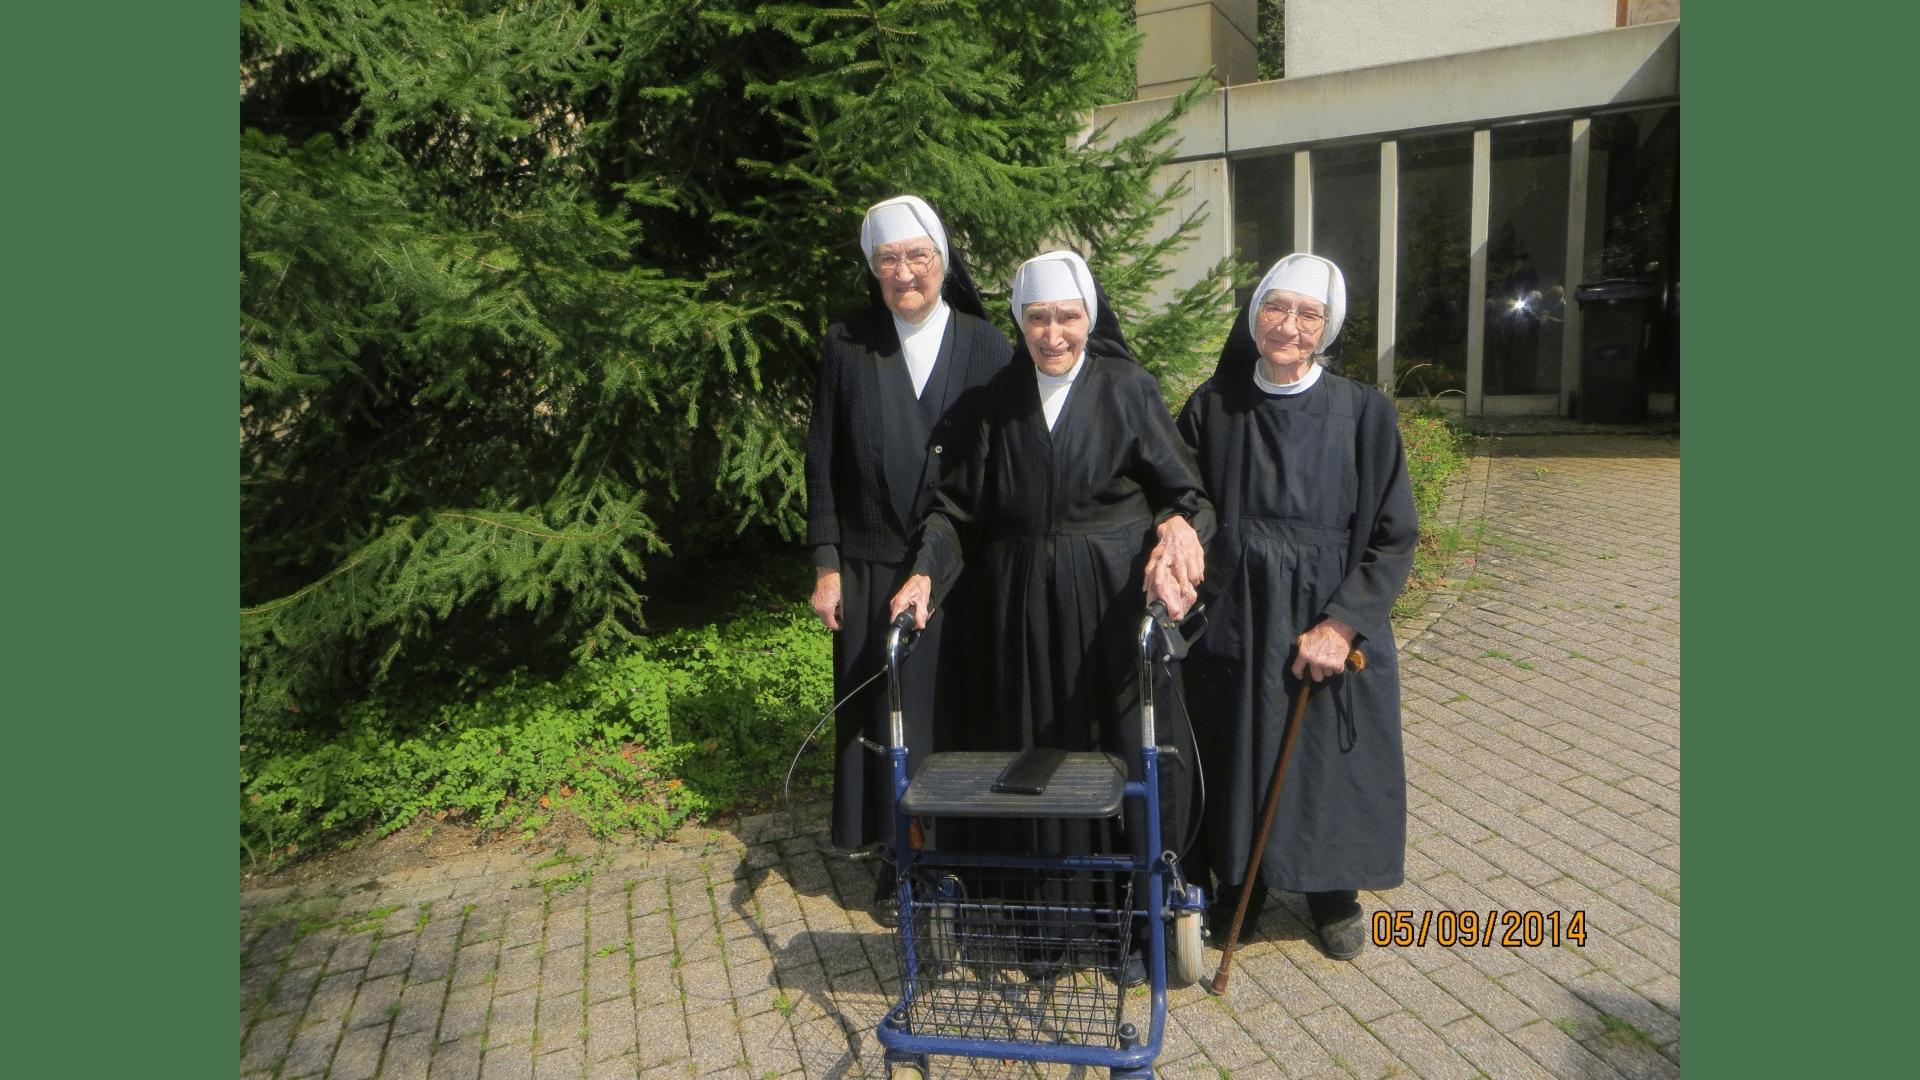 Die noch lebenden Schwestern 2014. Foto: Archiv Arme Schulschwestern